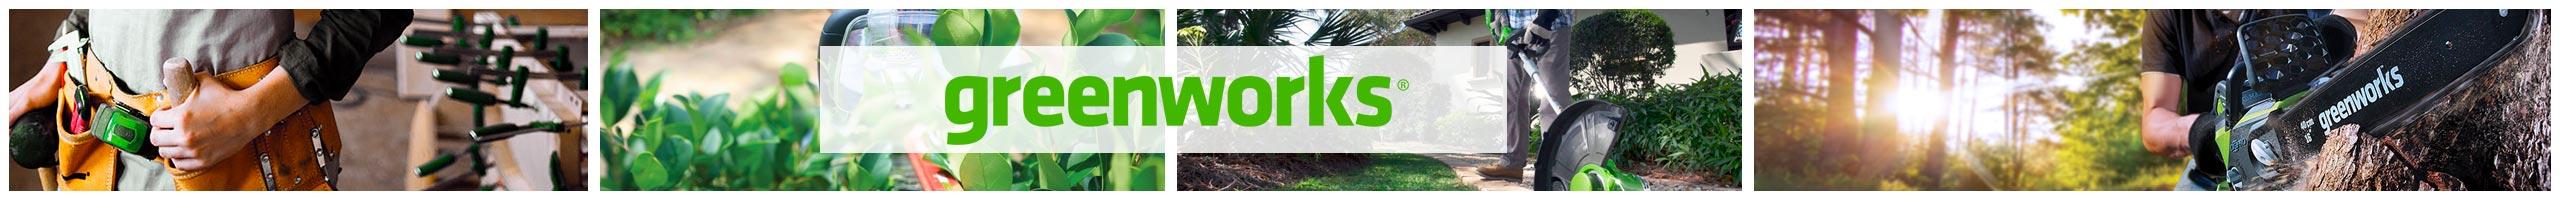 Test et avis outil jardin Greenworks pas cher